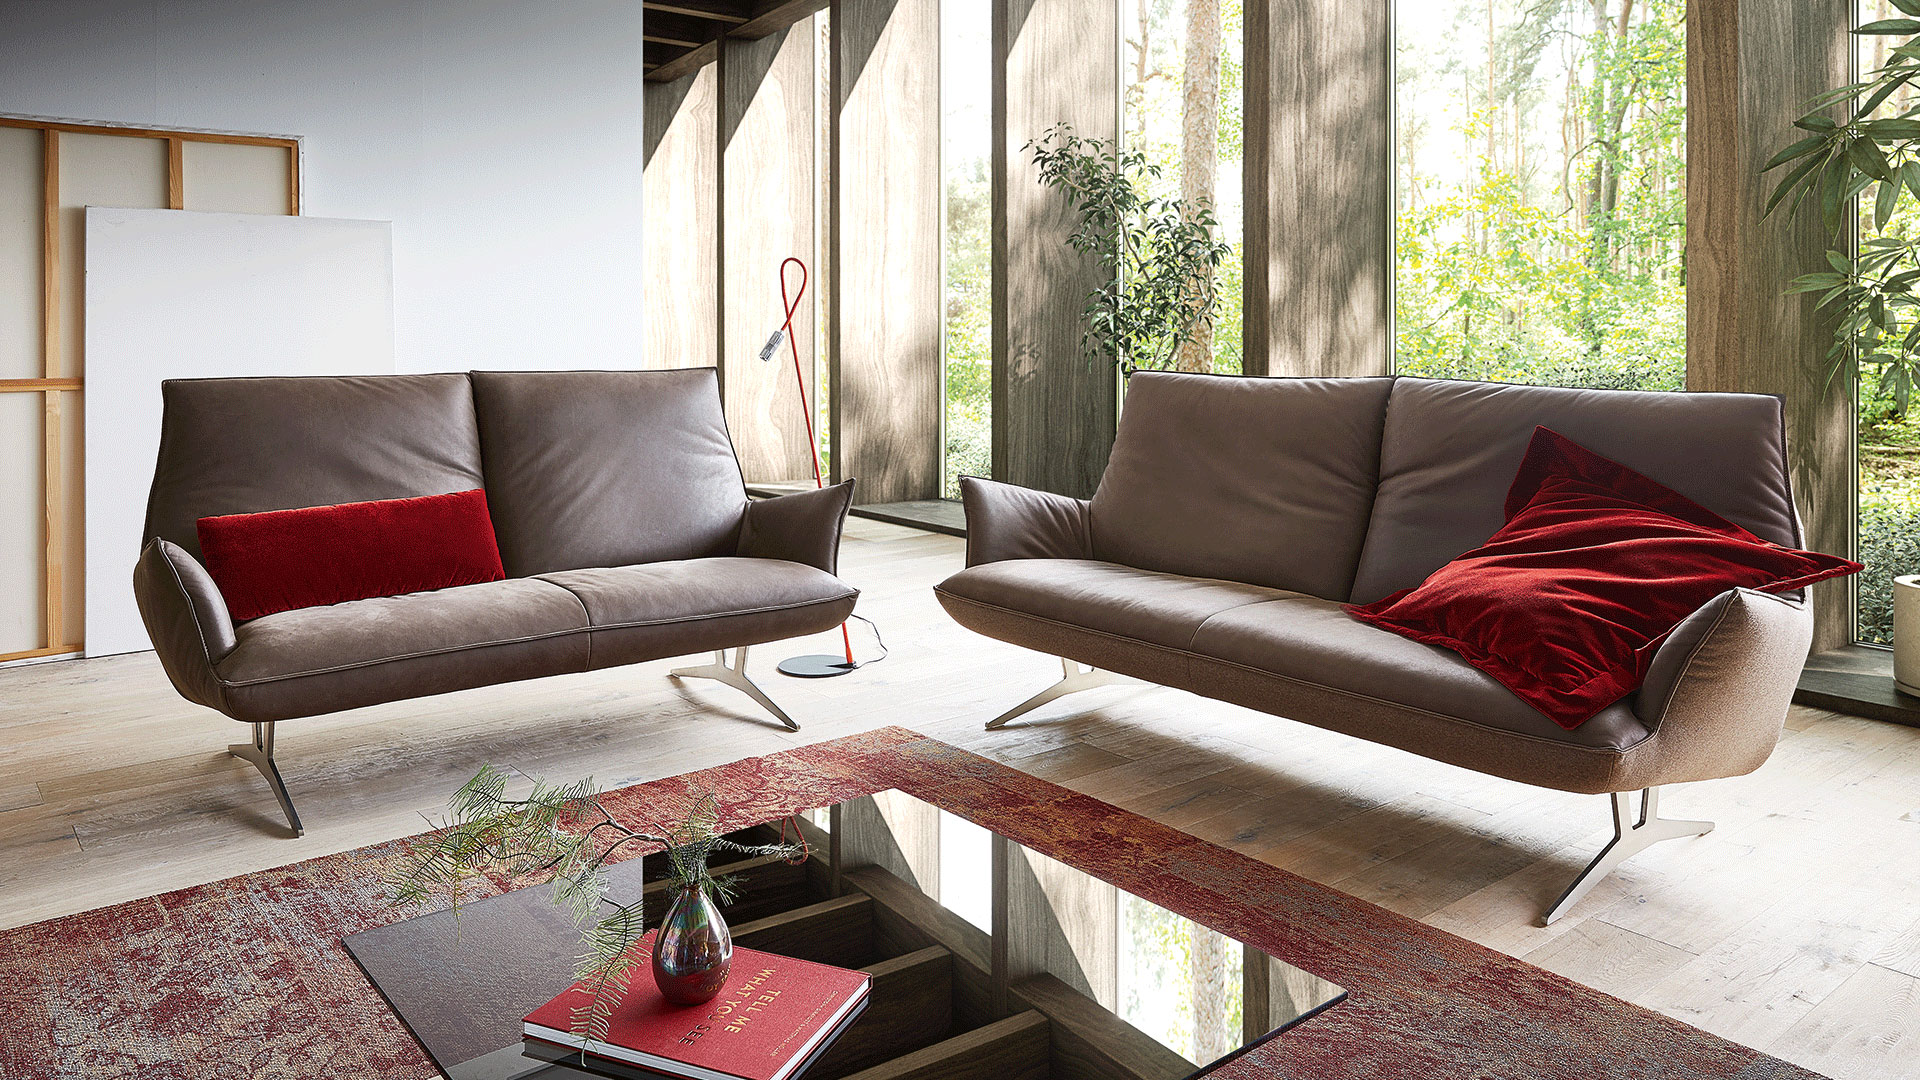 Full Size of Koinor Sofa Francis 2 Sitzer Gebraucht Kaufen Outlet Gera Konfigurieren Uk Fenja Samt Innovation Berlin Blau L Mit Schlaffunktion Ektorp Billig 3 Teilig Sofa Koinor Sofa